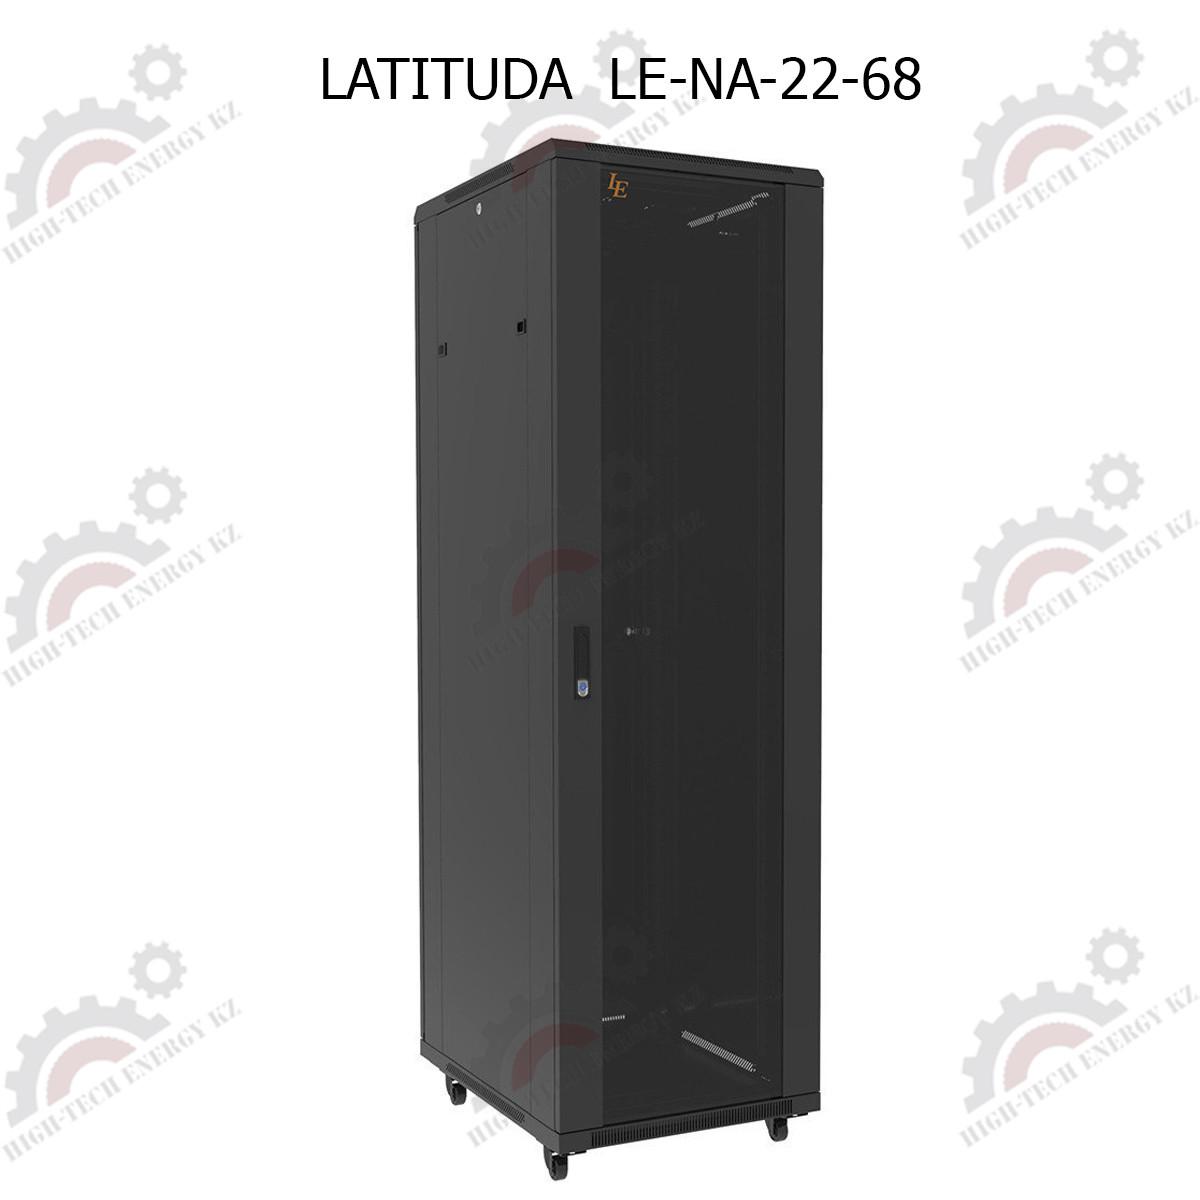 Шкаф серверный напольный LATITUDA 22U, 600*800*1075мм,цвет черный, передняя дверь стеклянная